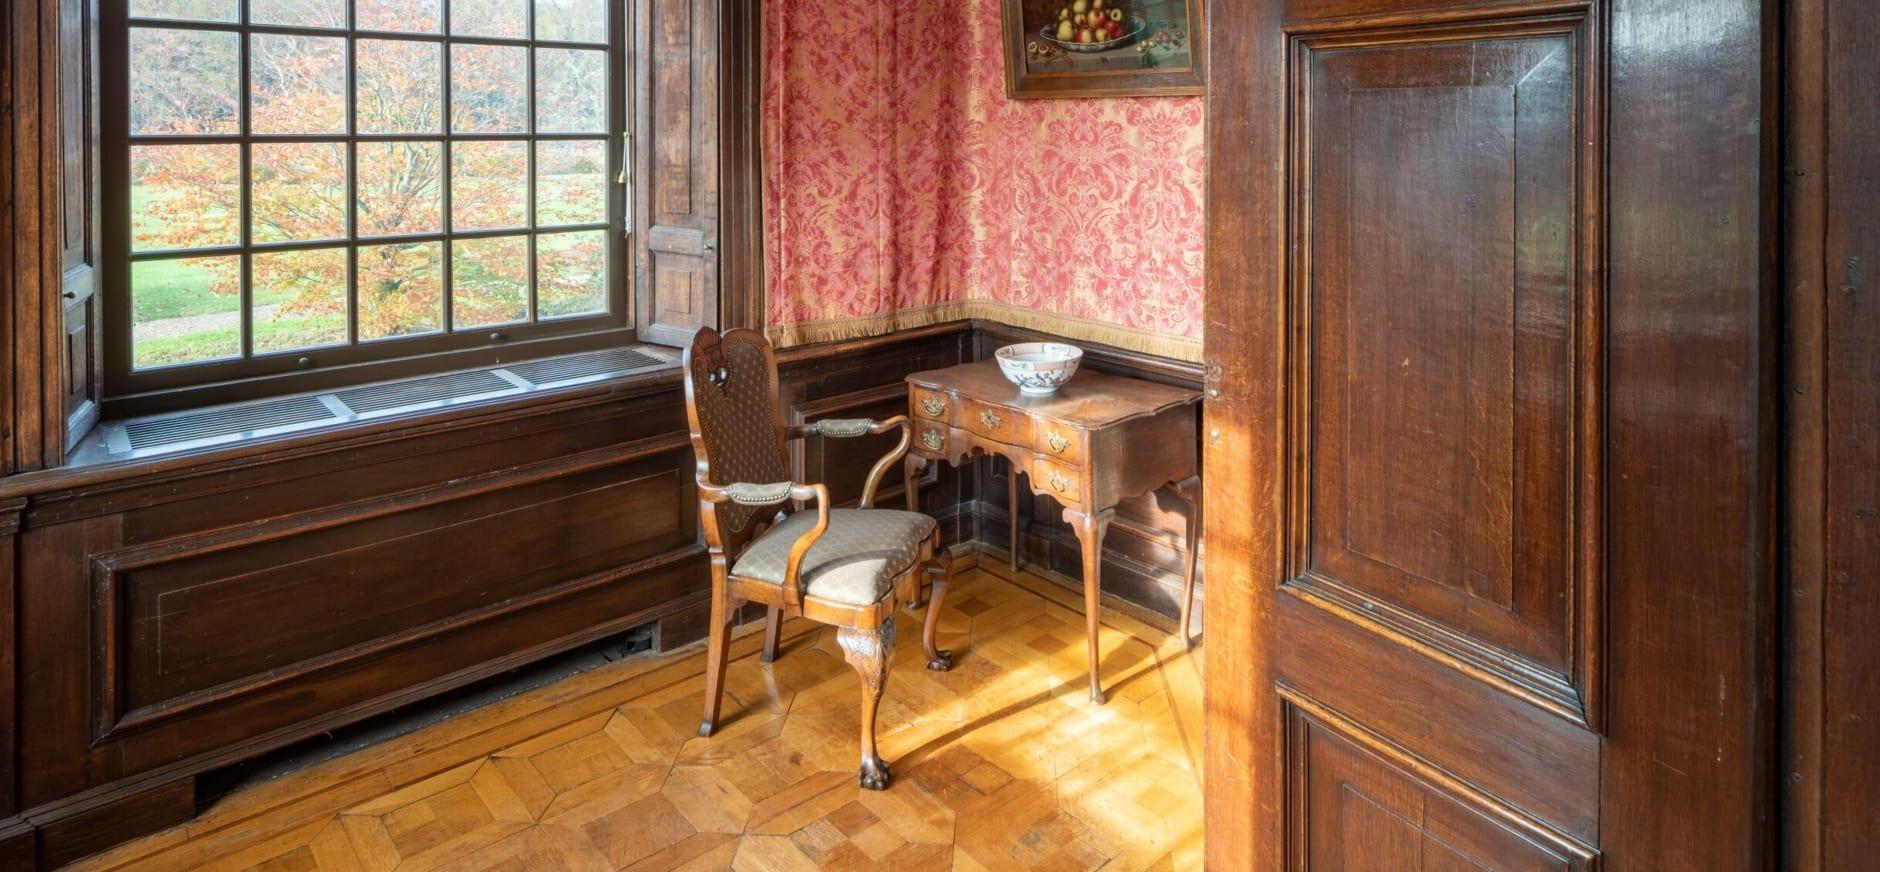 kabinetje bel-etage Kasteel Eerde